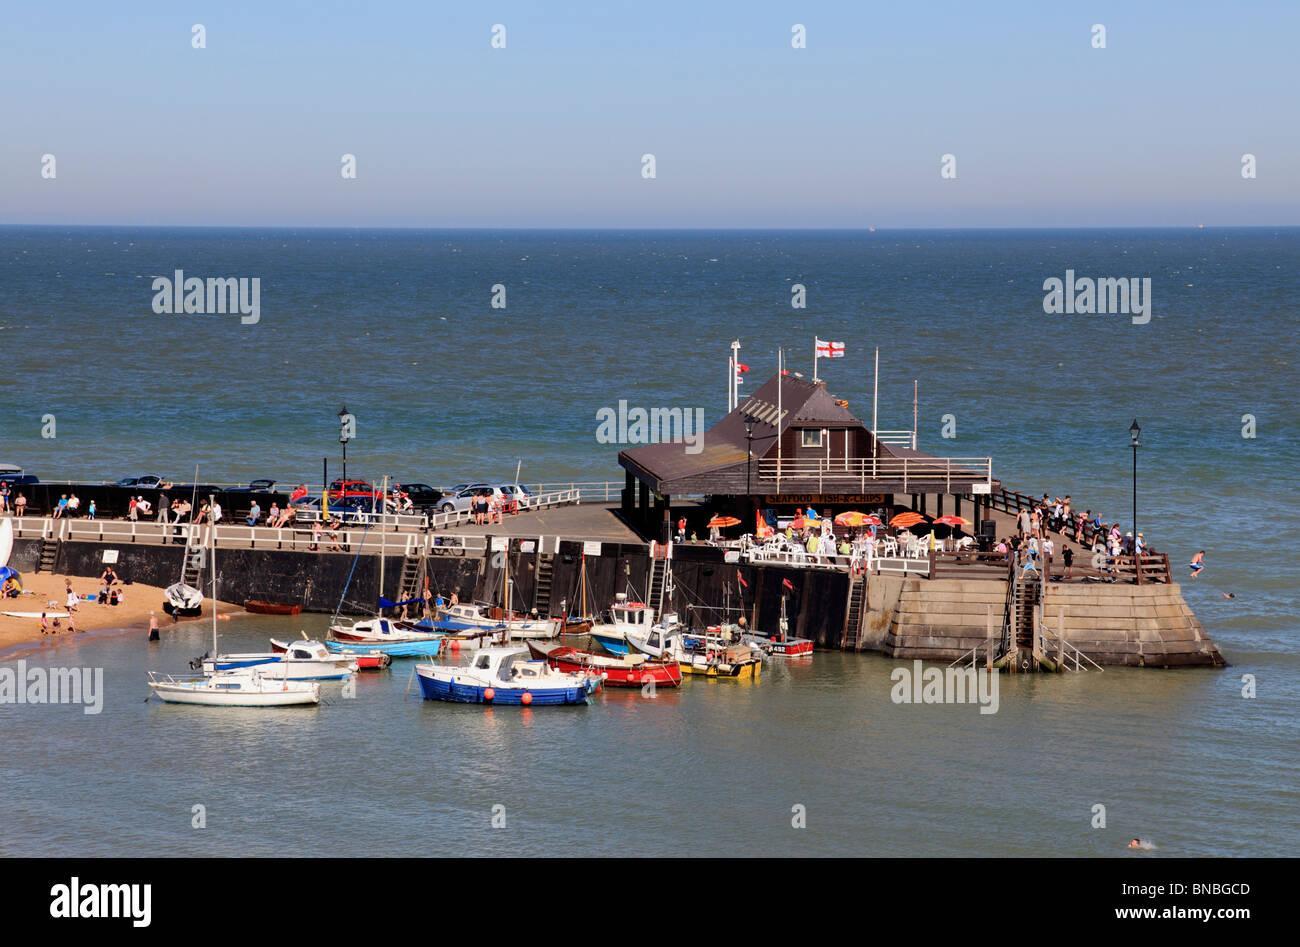 3189. Viking Bay, Broadstairs, Kent, UK - Stock Image